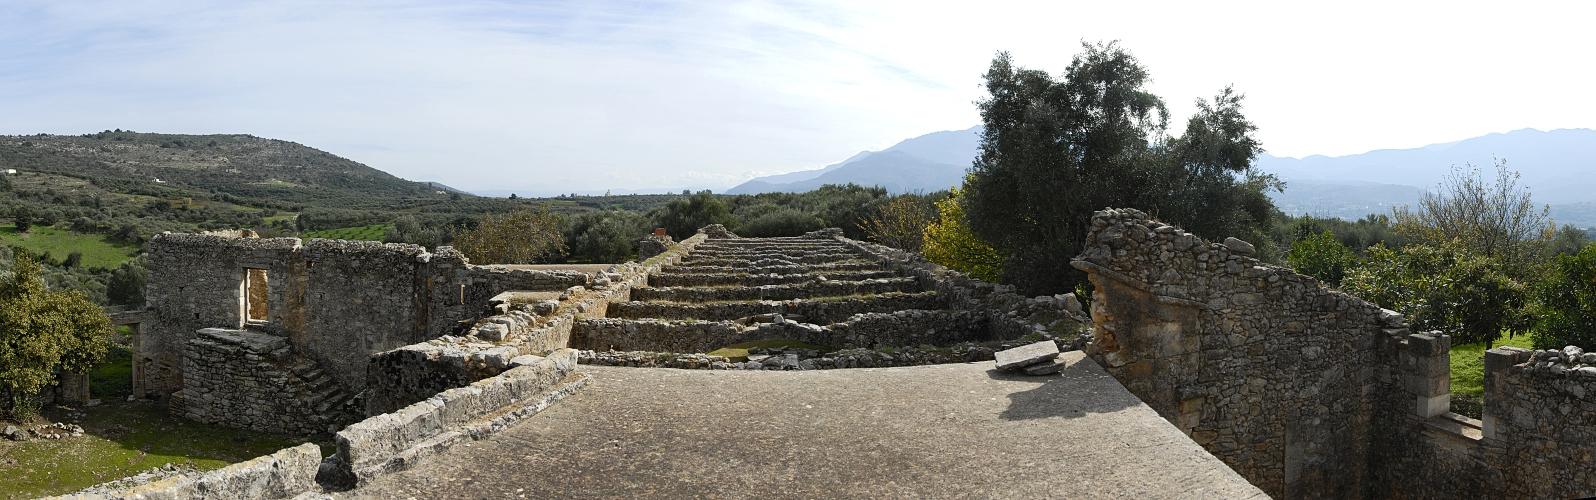 Kreta-2012_11_28-11_42_31 Panorama